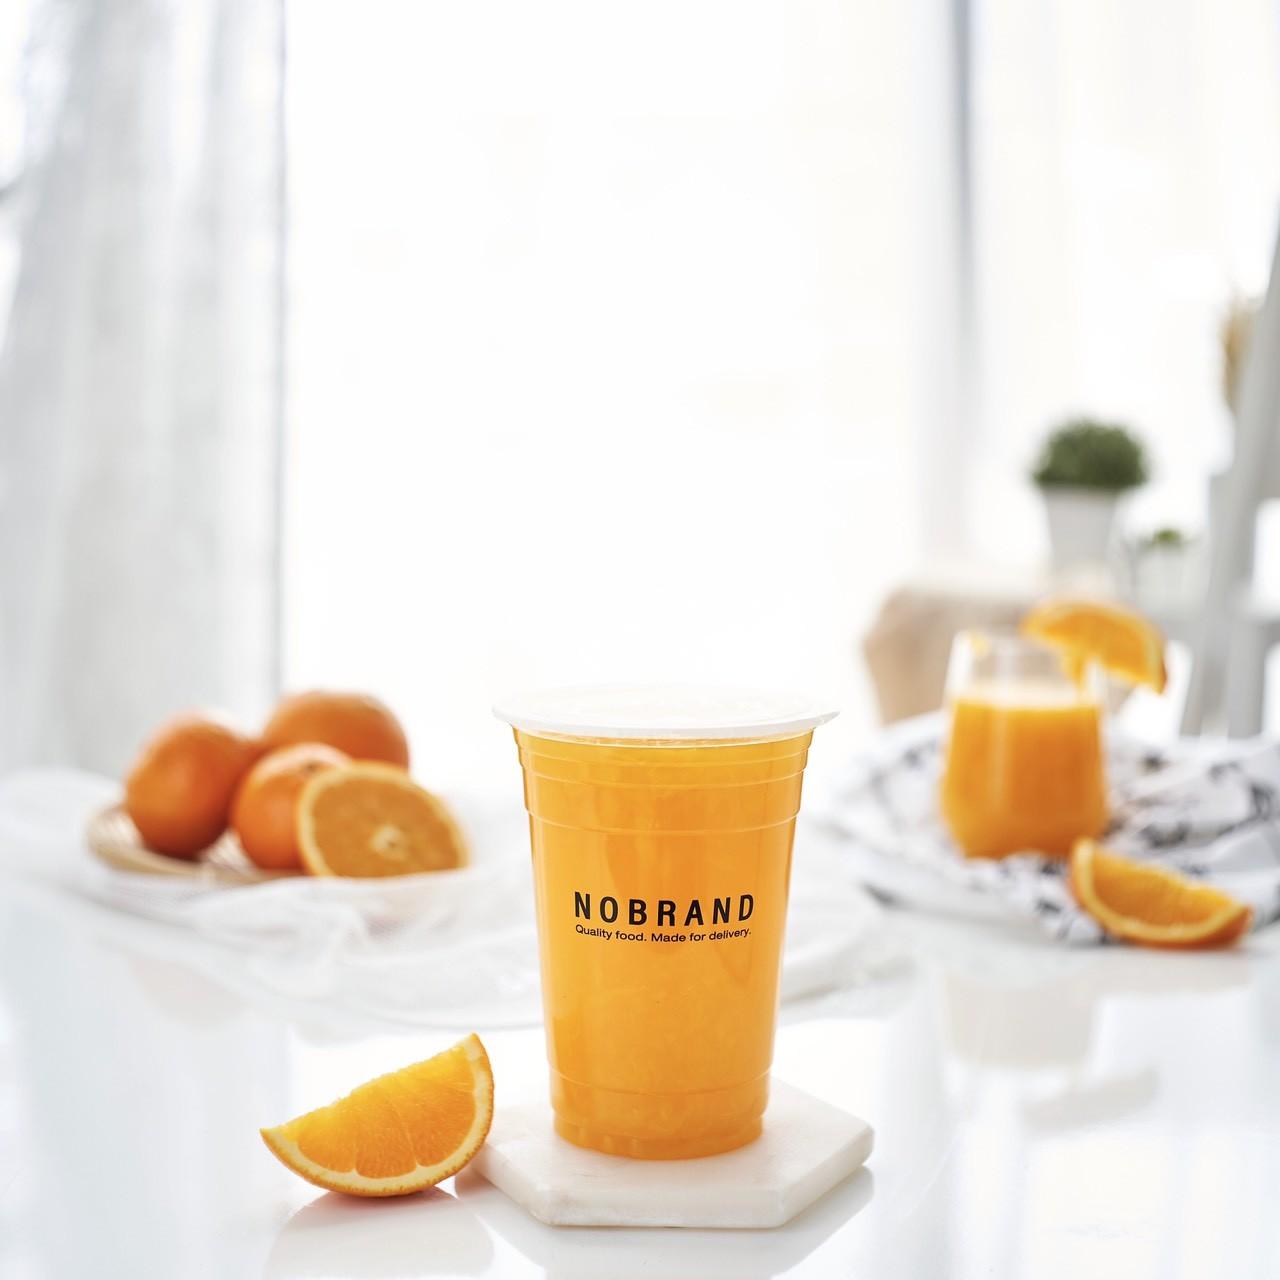 เมื่อซื้อน้ำส้มสามสายพันธุ์คั้นสด Size S แถมฟรี แตงโมหั่นเต๋า หรือ ฝรั่งแป้นสีทอ